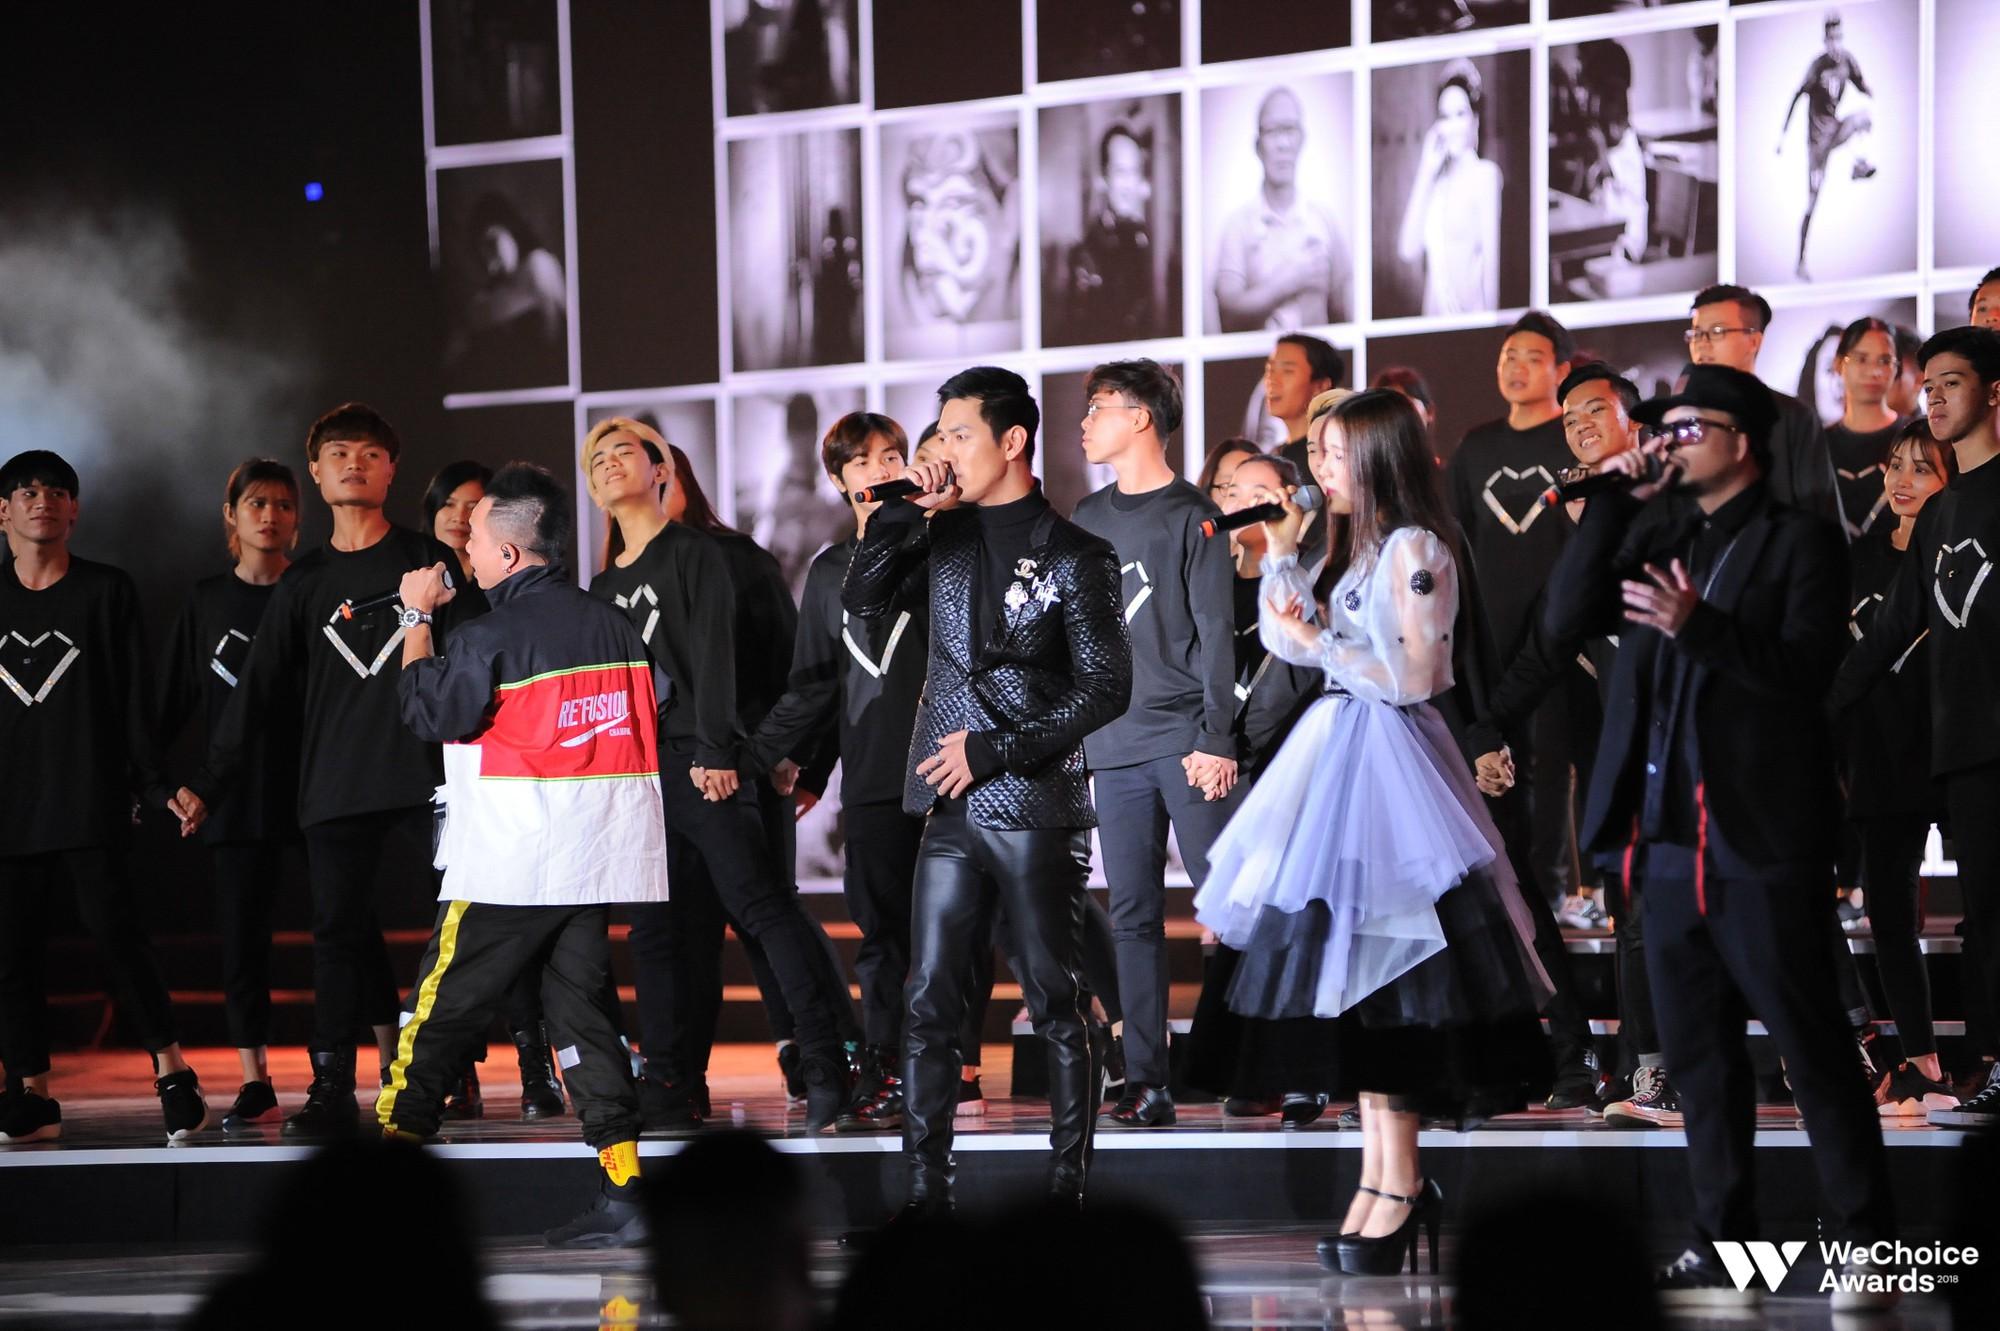 Clip: Tất tần tật các sân khấu đã tai mãn nhãn trong đêm Gala WeChoice Awards 2018 - Ảnh 16.